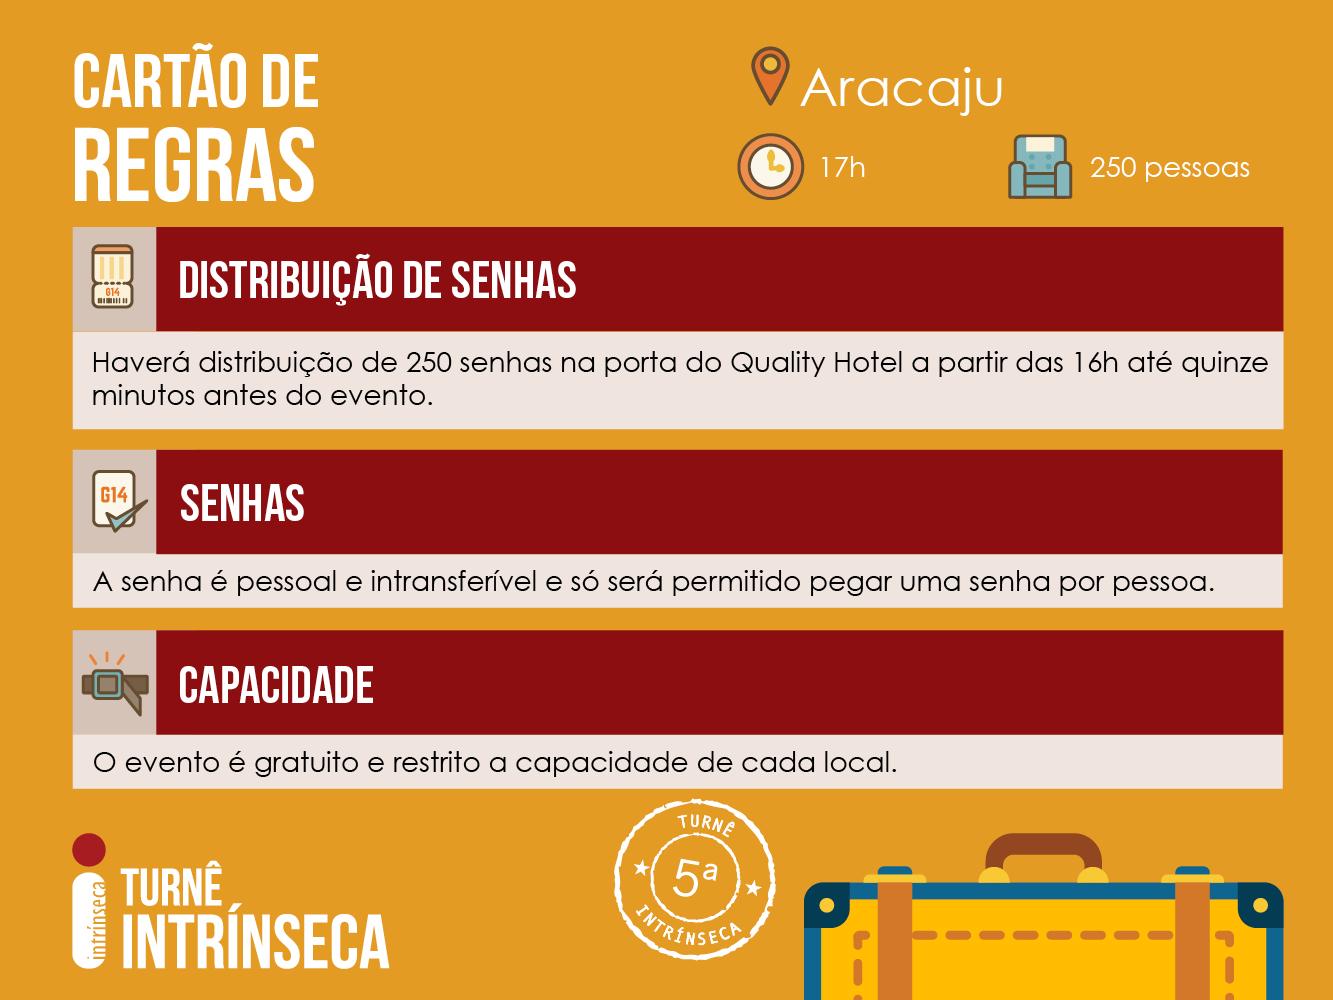 Regras_5aTurne_Aracaju